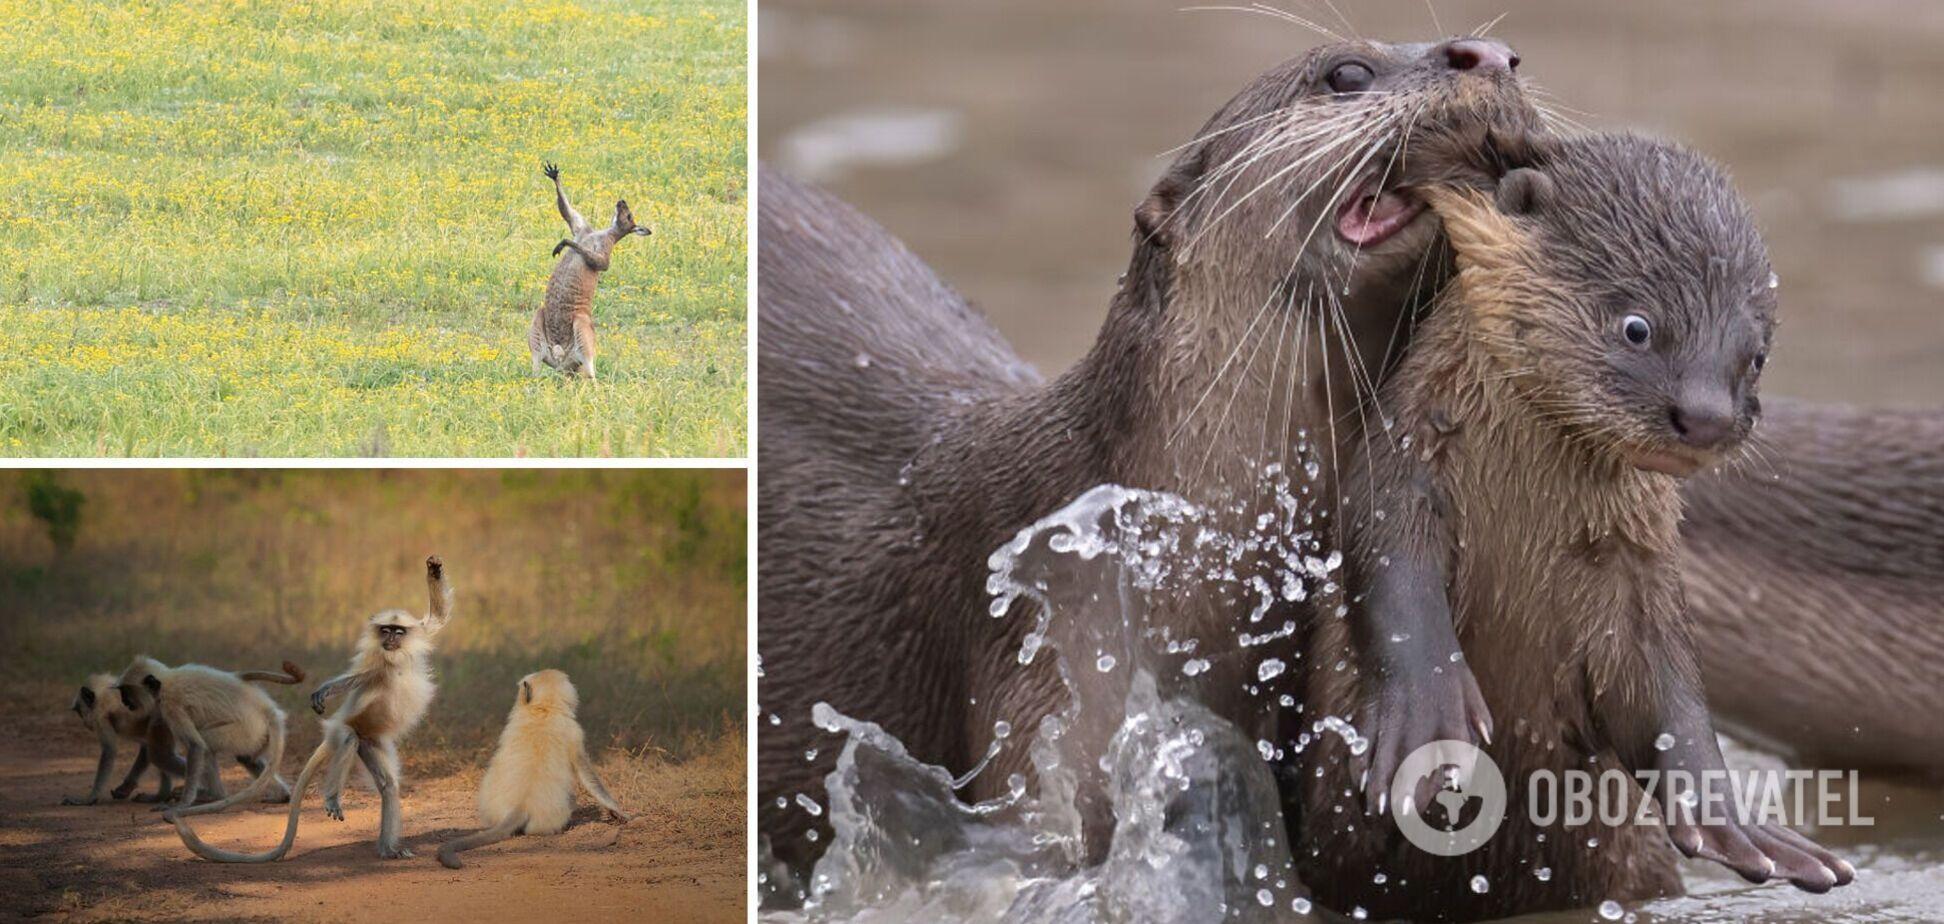 Как ведут себя животные в дикой природе